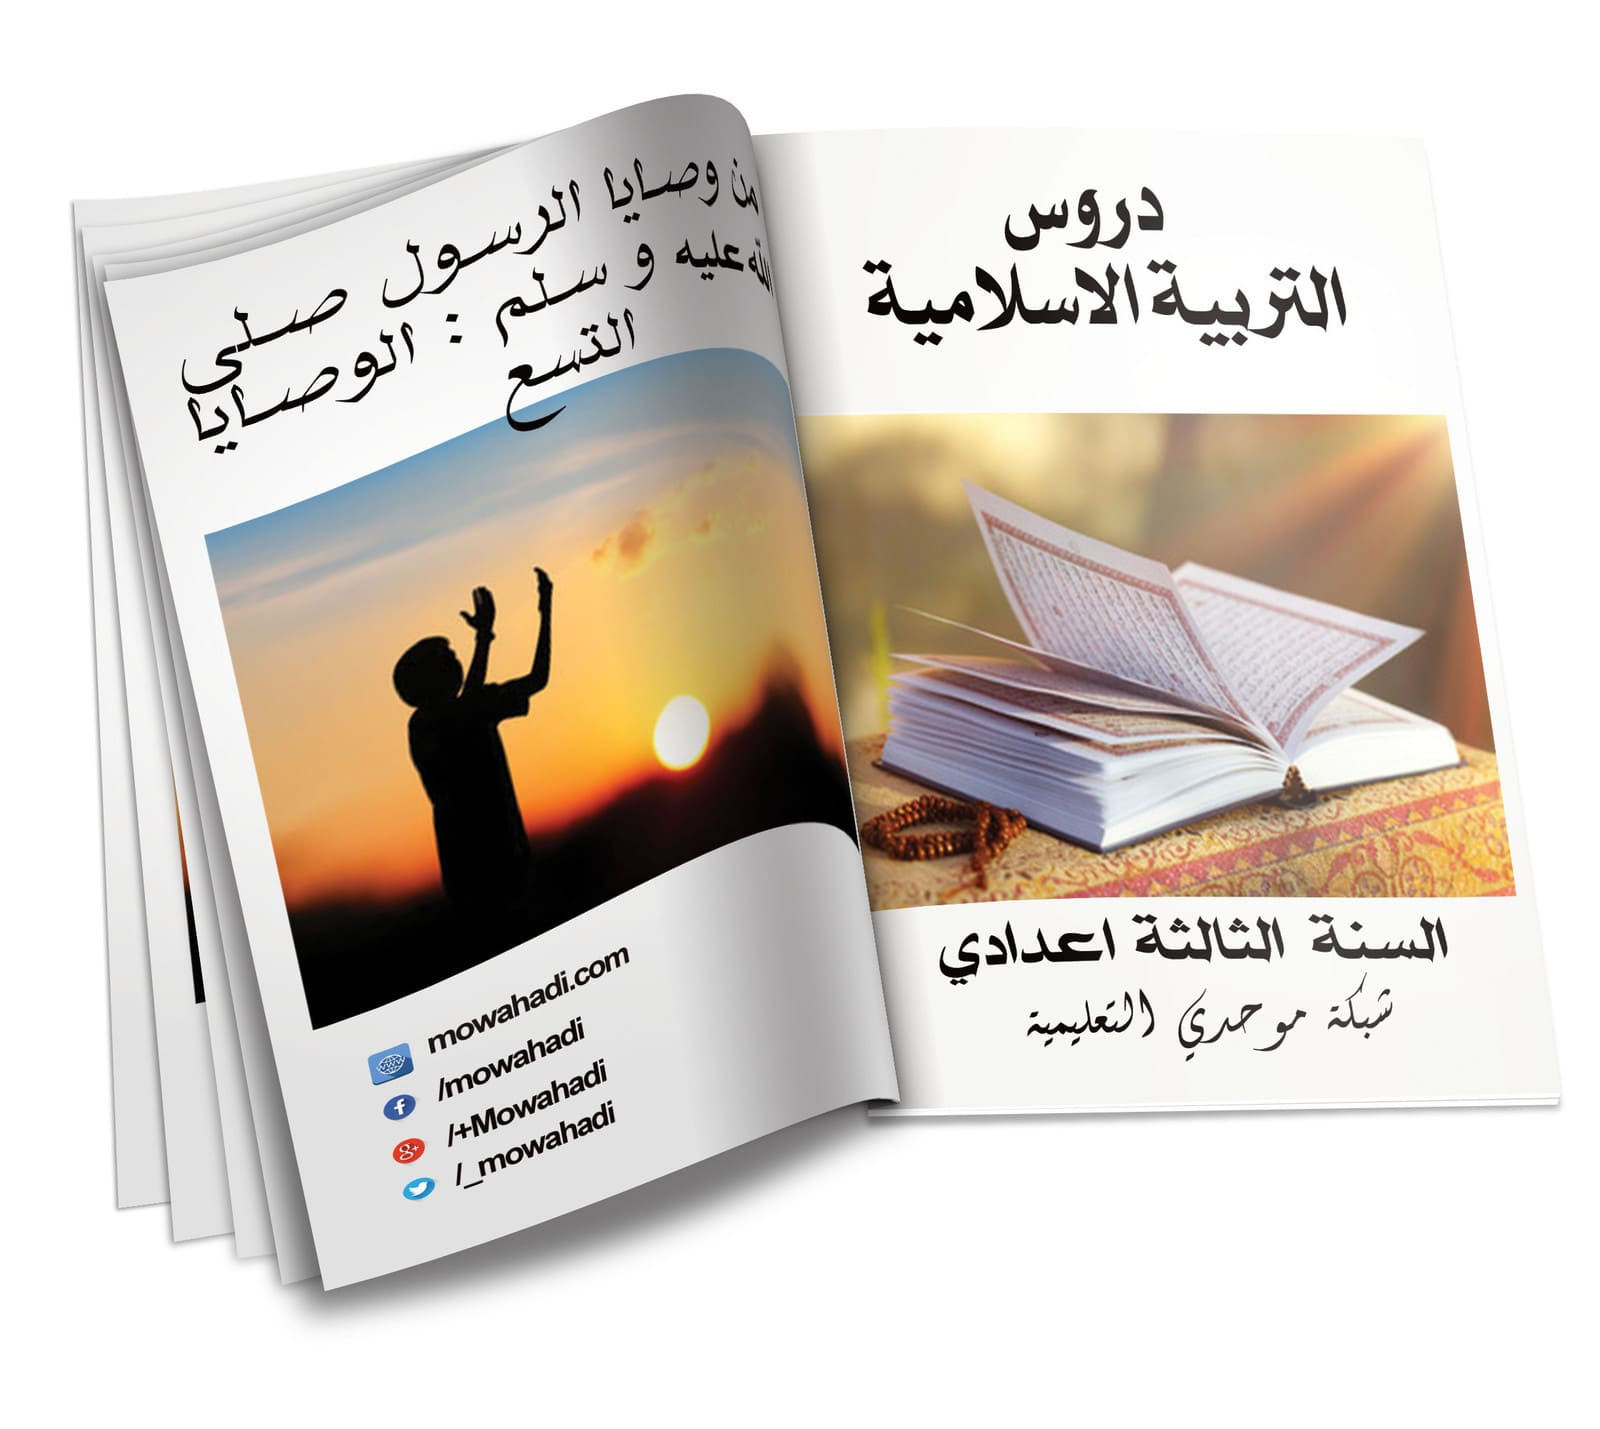 من وصايا الرسول صلى الله عليه وسلم : الوصايا التسع